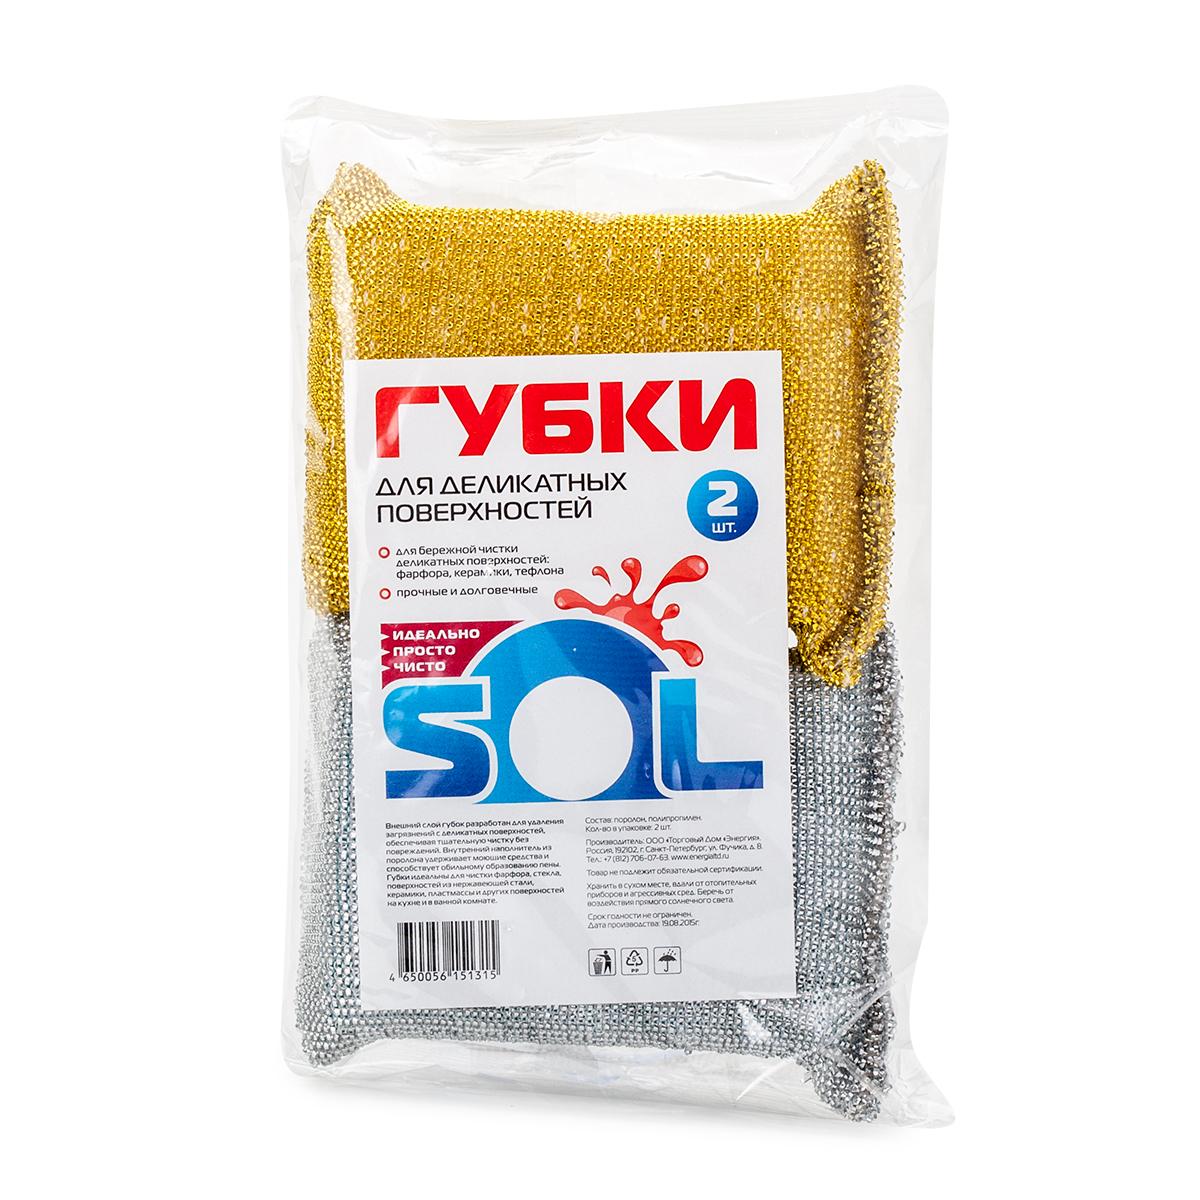 Губка для чистки деликатных поверхностей Sol, 2 шт10028Губки Sol предназначены для бережной чистки деликатных поверхностей. Внешний слой разработан для удаления загрязнений с деликатных поверхностей, обеспечивая тщательную чистку без повреждений. Внутренний наполнитель из поролона удерживает моющие средства и способствует обильному образованию пены. Губки идеальны для чистки фарфора, стекла, поверхностей из нержавеющей стали, керамики, пластмассы и других поверхностей на кухне и в ванной комнате.